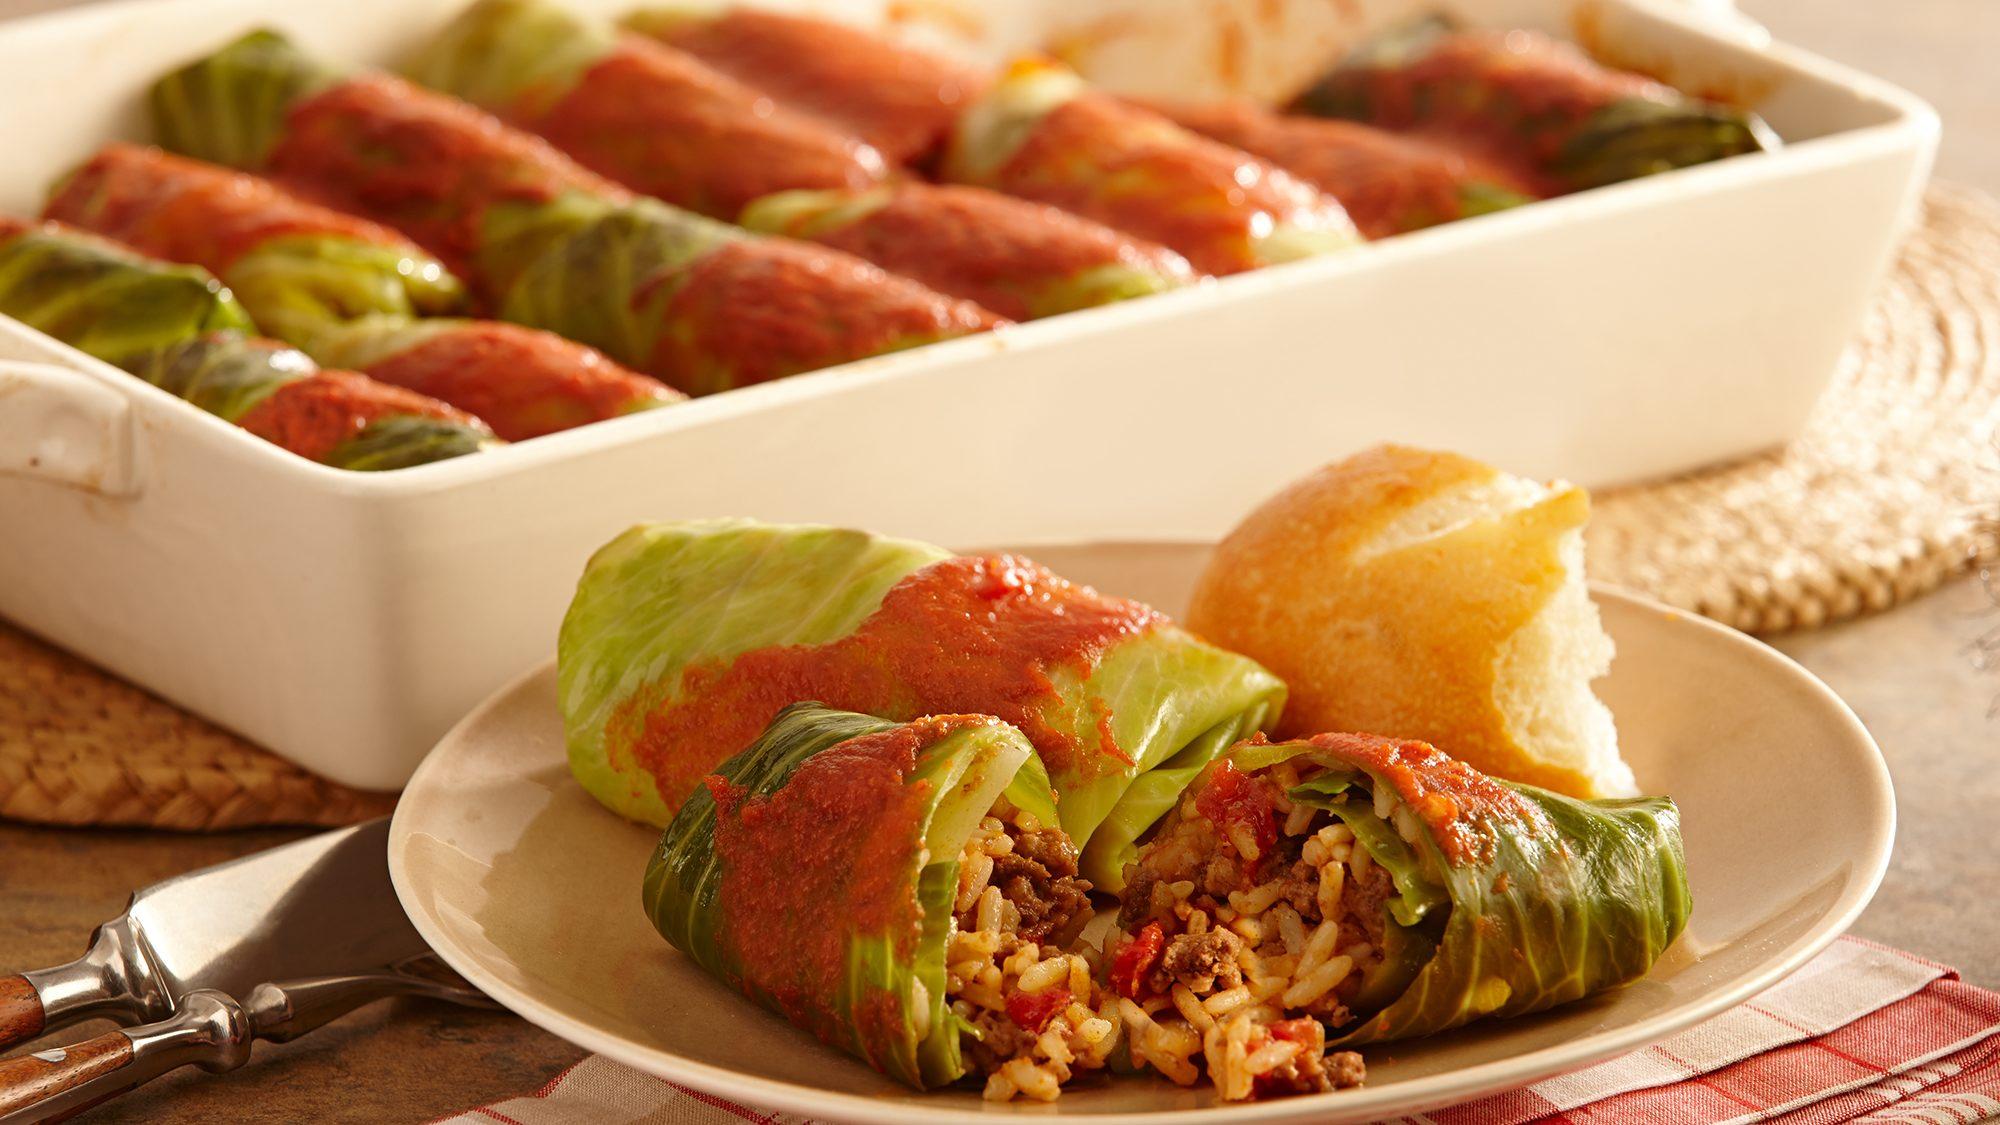 ZATARAIN'S Creole Cabbage Rolls